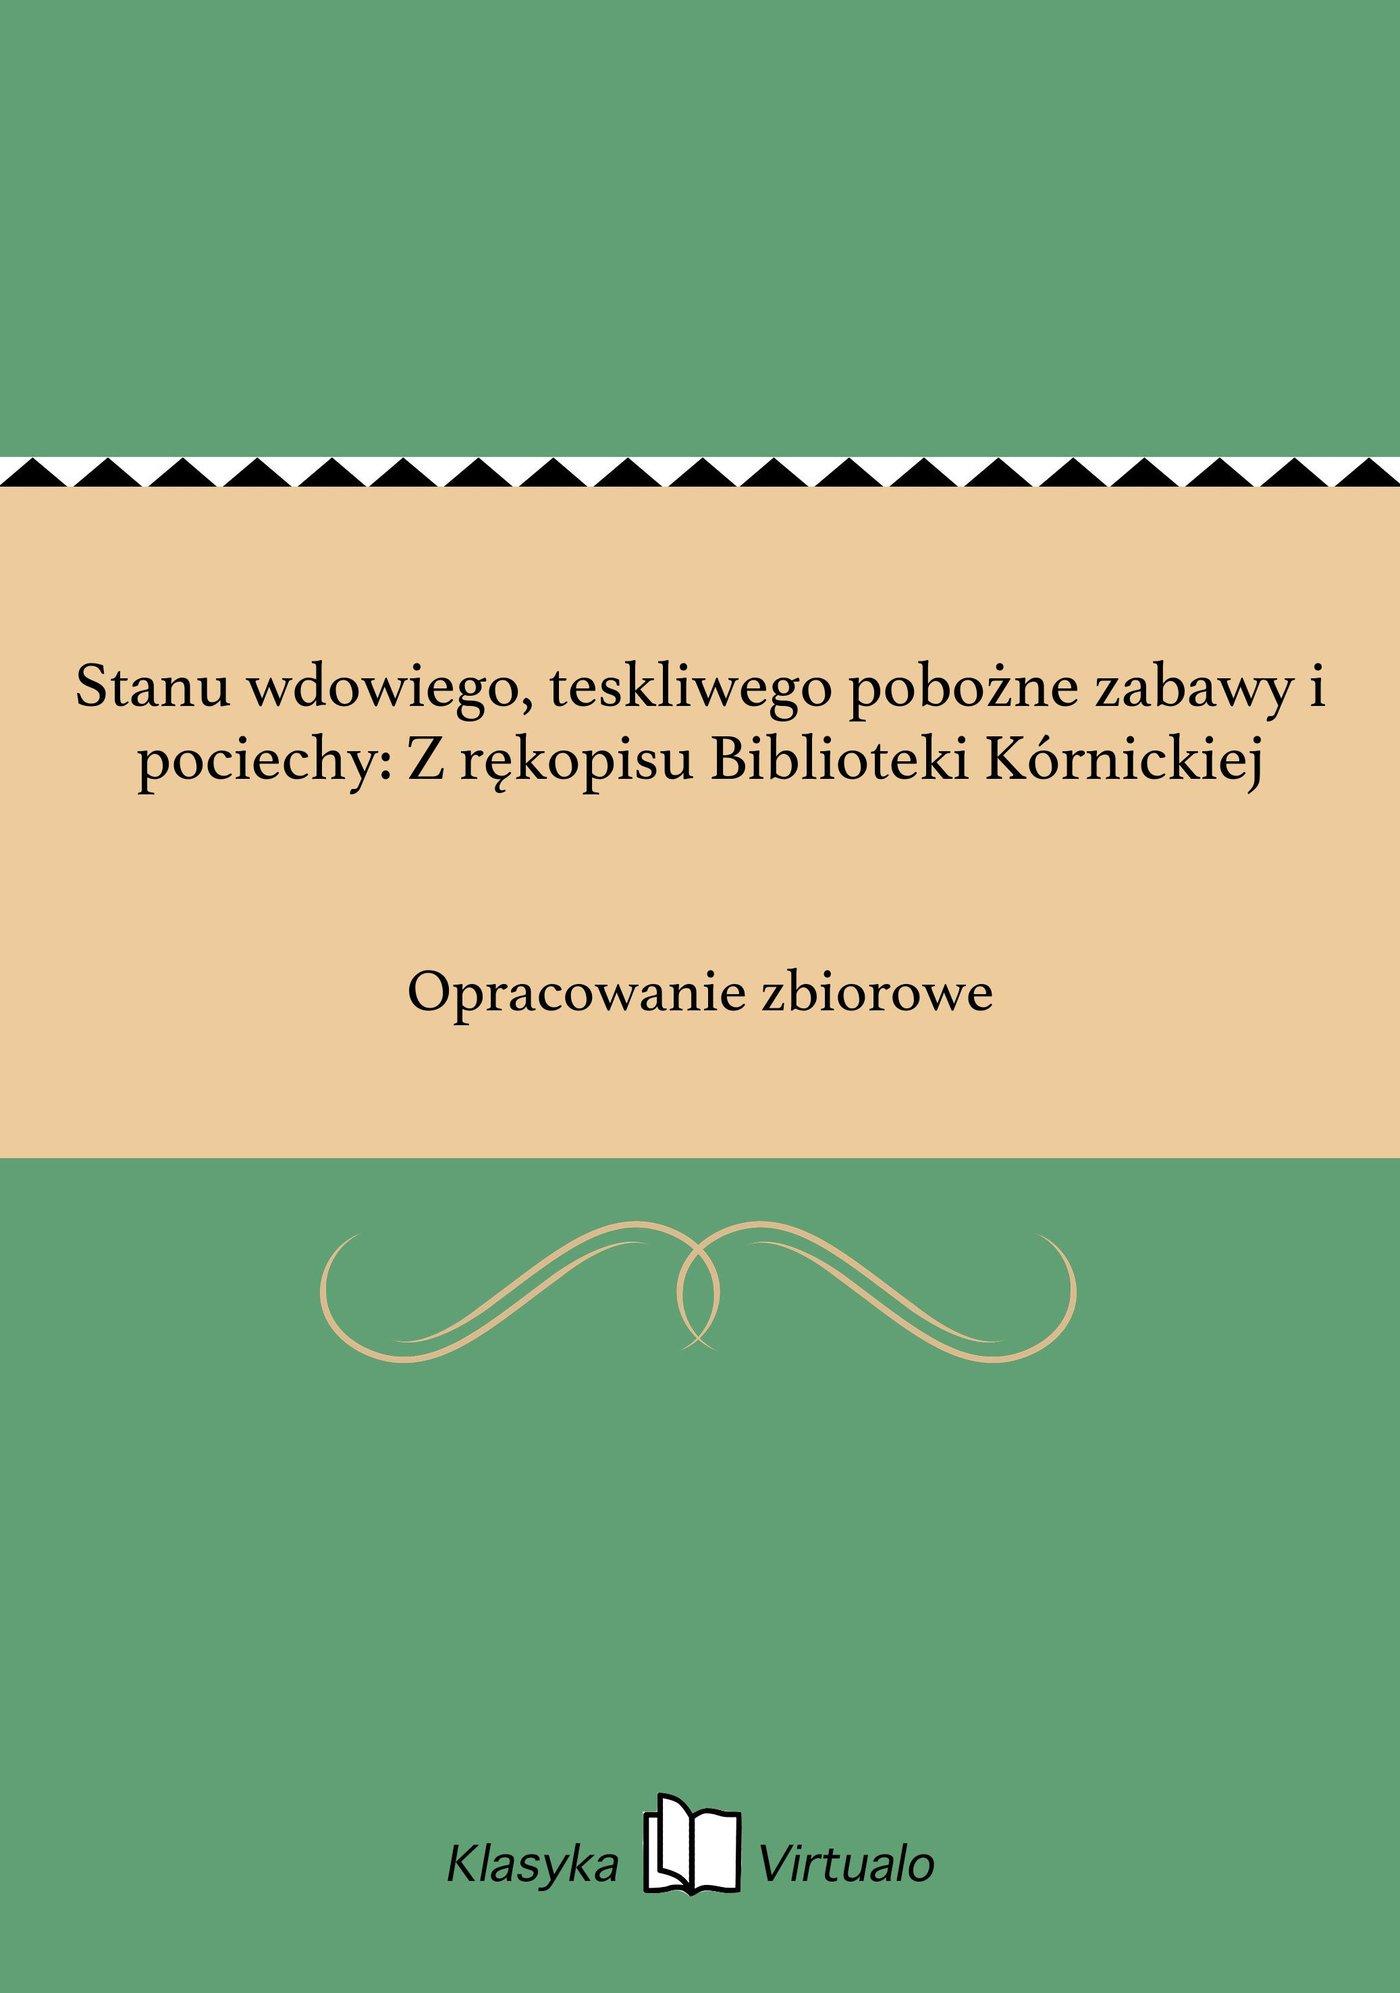 Stanu wdowiego, teskliwego pobożne zabawy i pociechy: Z rękopisu Biblioteki Kórnickiej - Ebook (Książka EPUB) do pobrania w formacie EPUB